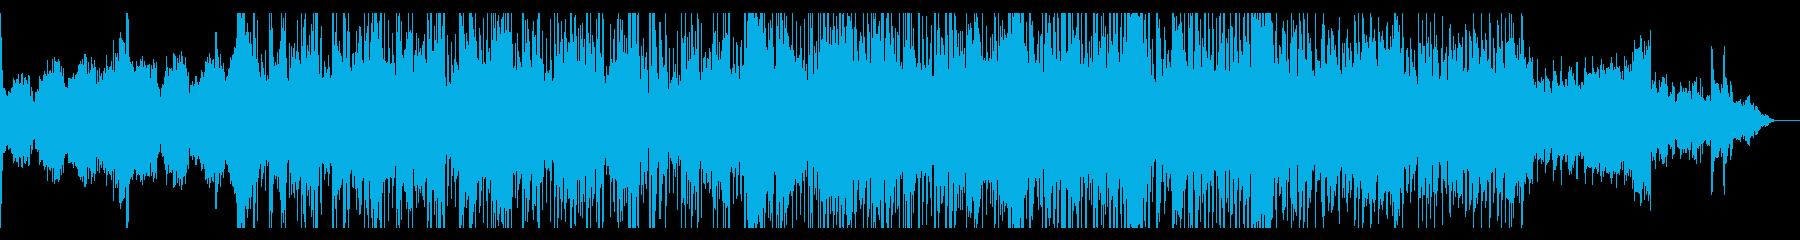 シネマティックに重々しく迫るアンビエントの再生済みの波形